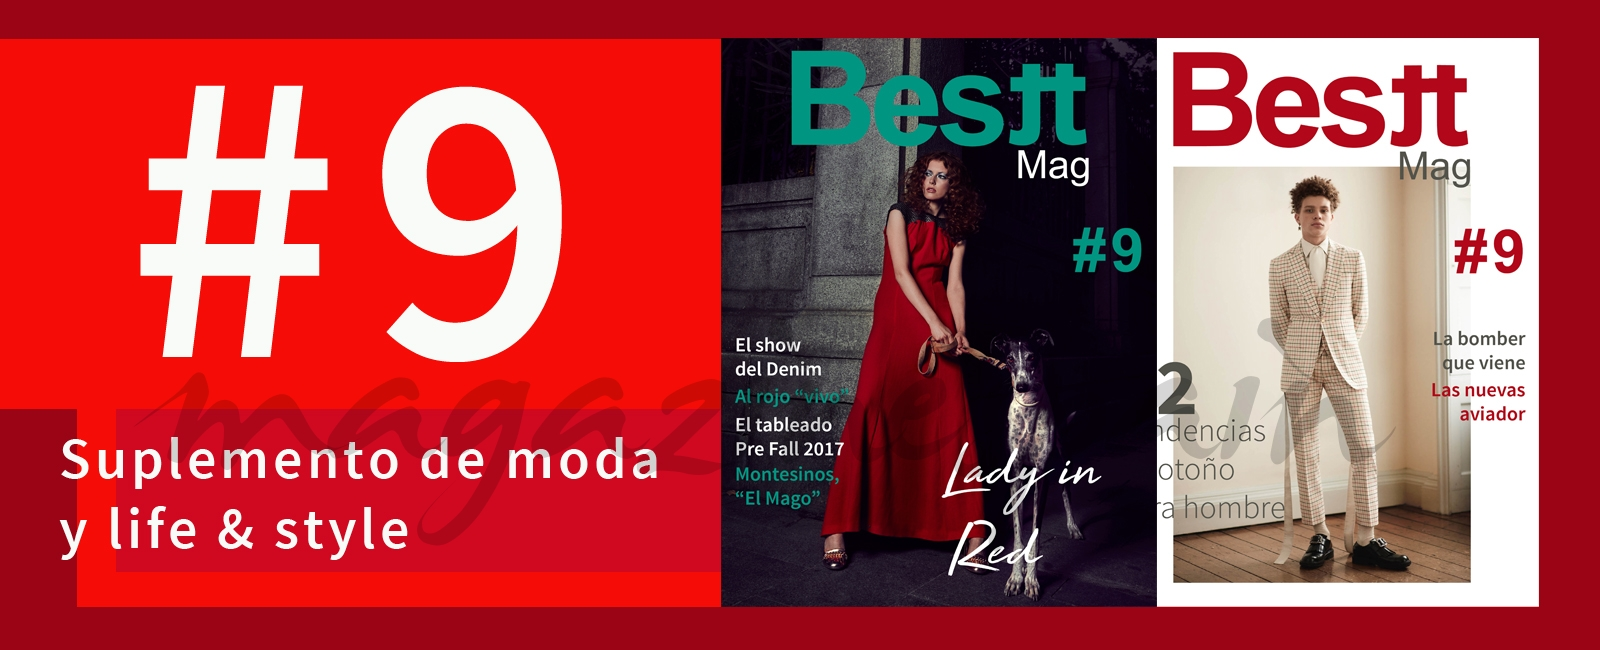 Bestt Mag #9